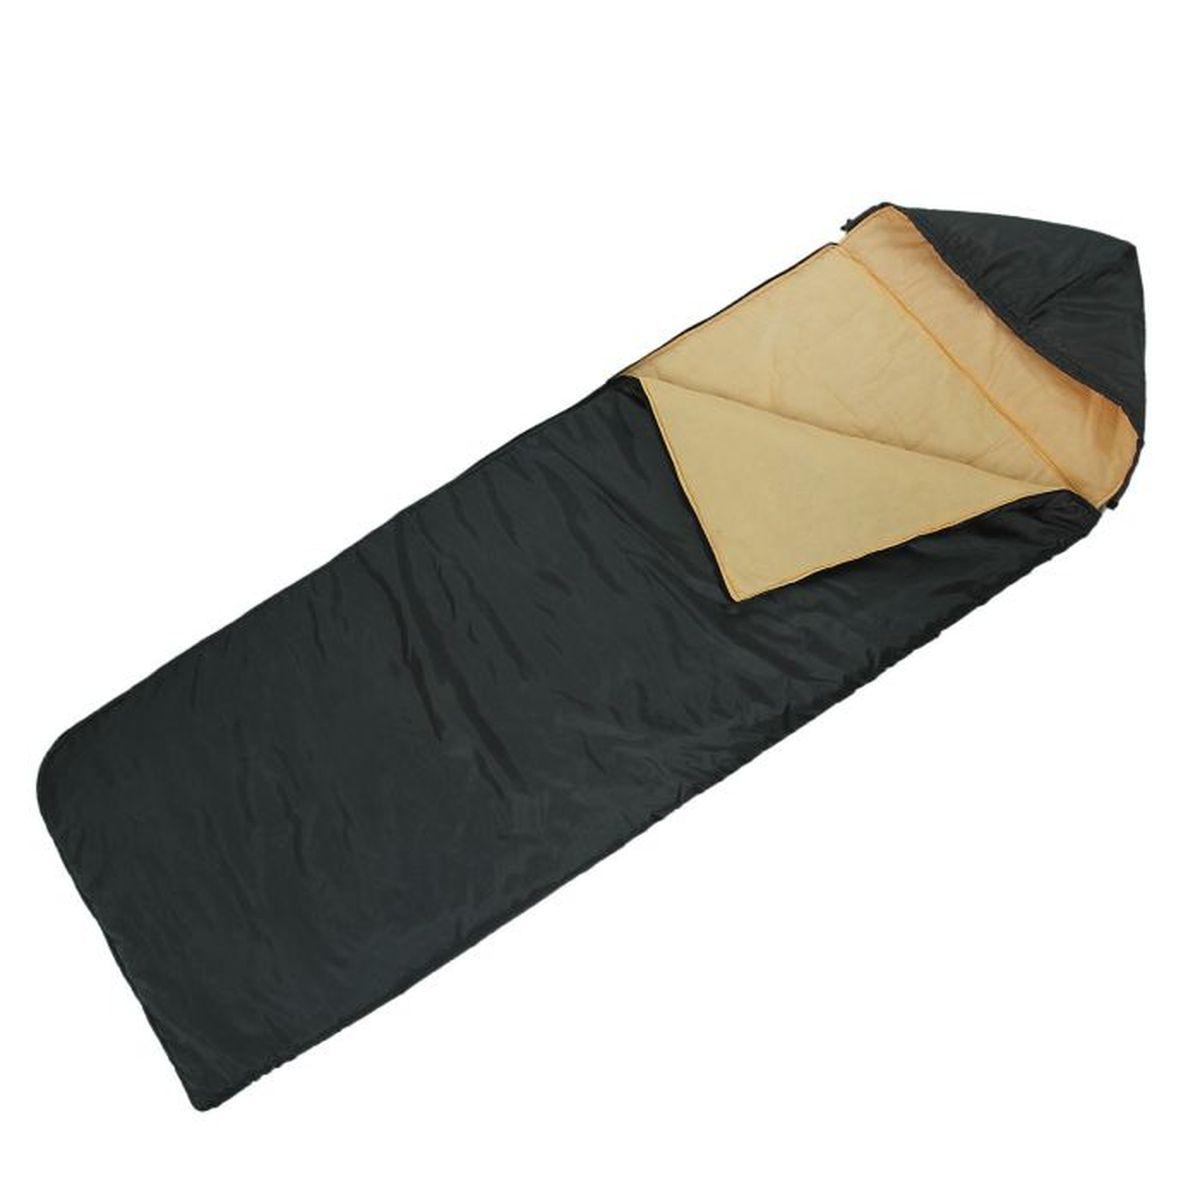 Спальный мешок Onlitop Престиж, цвет: черный, бежевый, правосторонняя молния1344025Комфортный, просторный и очень теплый 3-х сезонный спальник предназначен для походов и для отдыха на природе не только в летнее время, но и в прохладные дни весенне-осеннего периода. В теплое время спальный мешок можно использовать как одеяло (в том числе и дома).